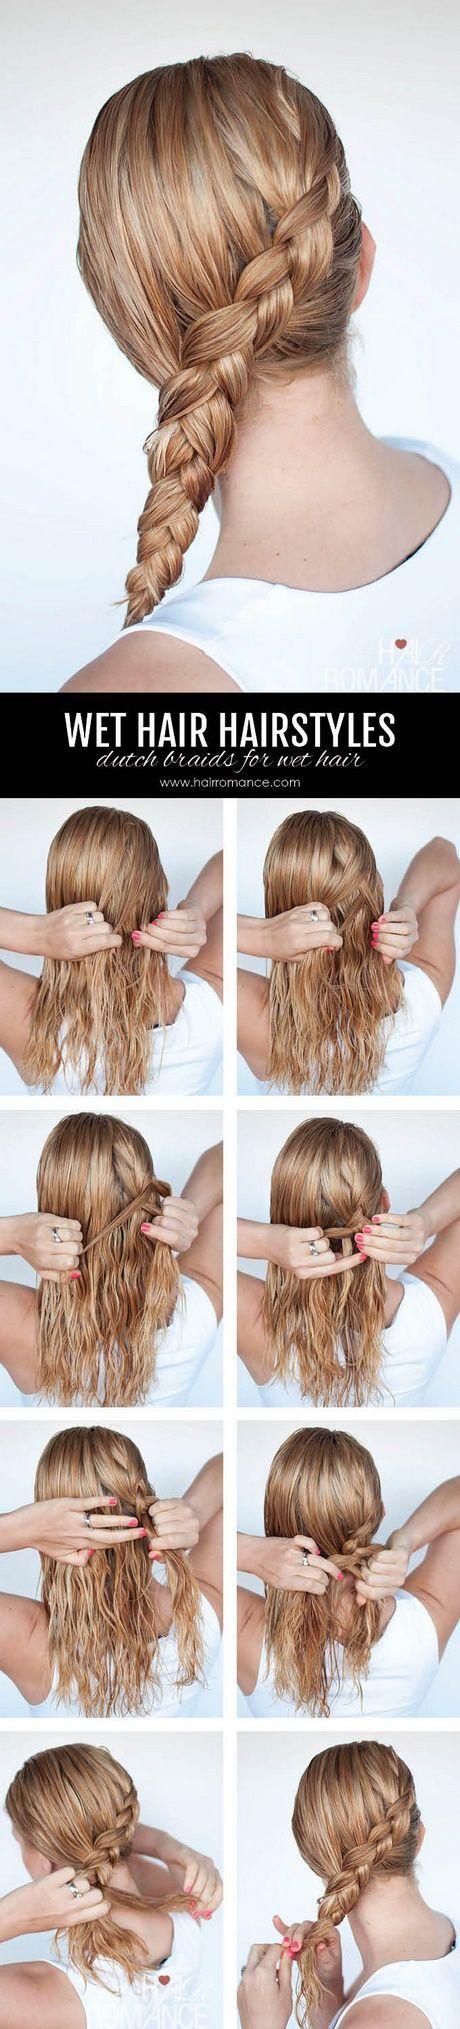 Frisuren Kann Ich Alleine Machen Neu Haar Schnitte Geflochtene Frisuren Fur Kurze Haare Eigene Haare Flechten Frisuren